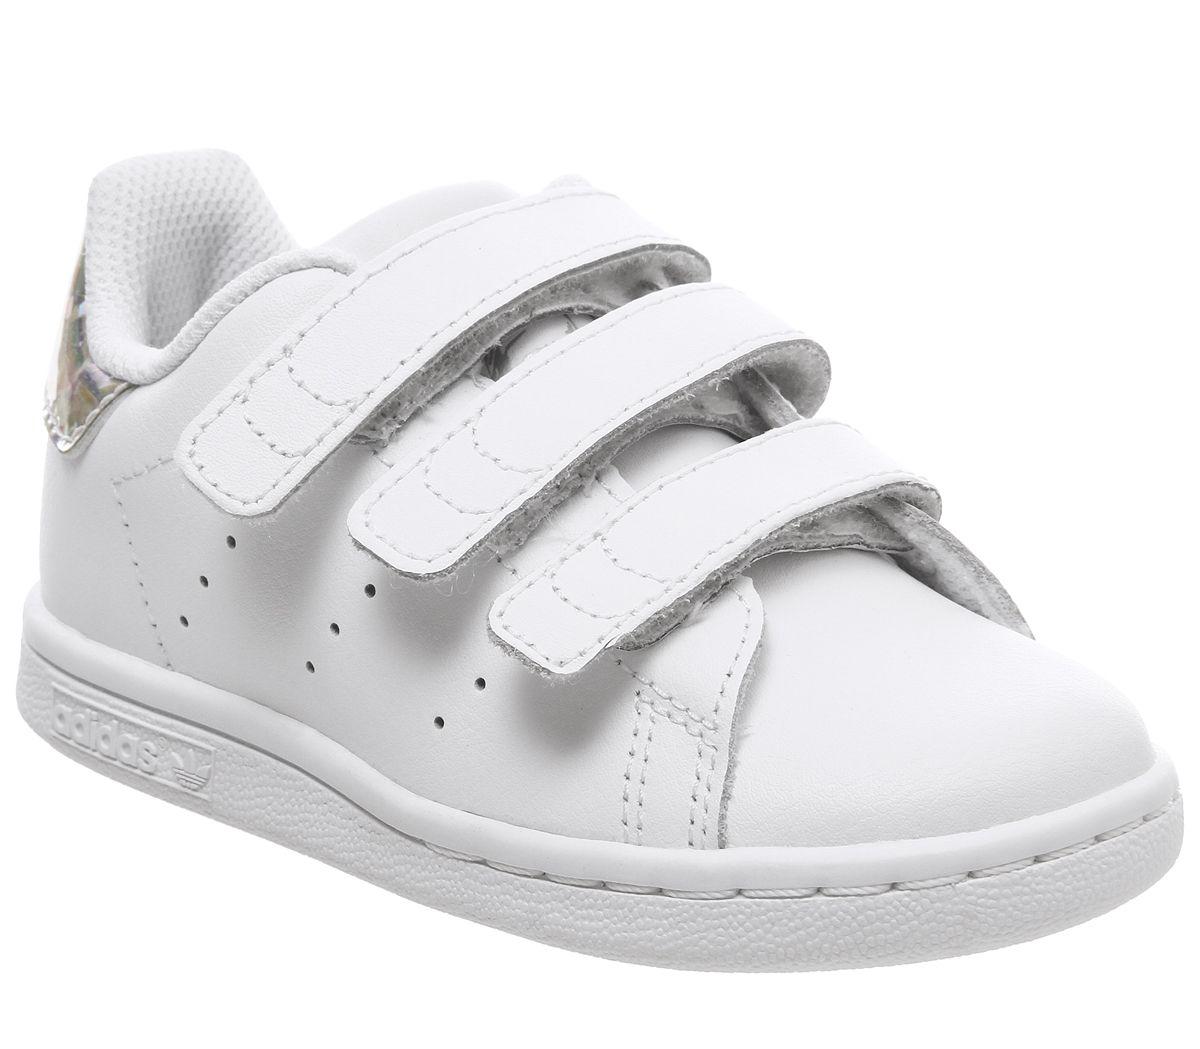 Detalles de Niños adidas Stan Smith Cf Td 3-9 Zapatillas Blancas Plata  Metálico Niños